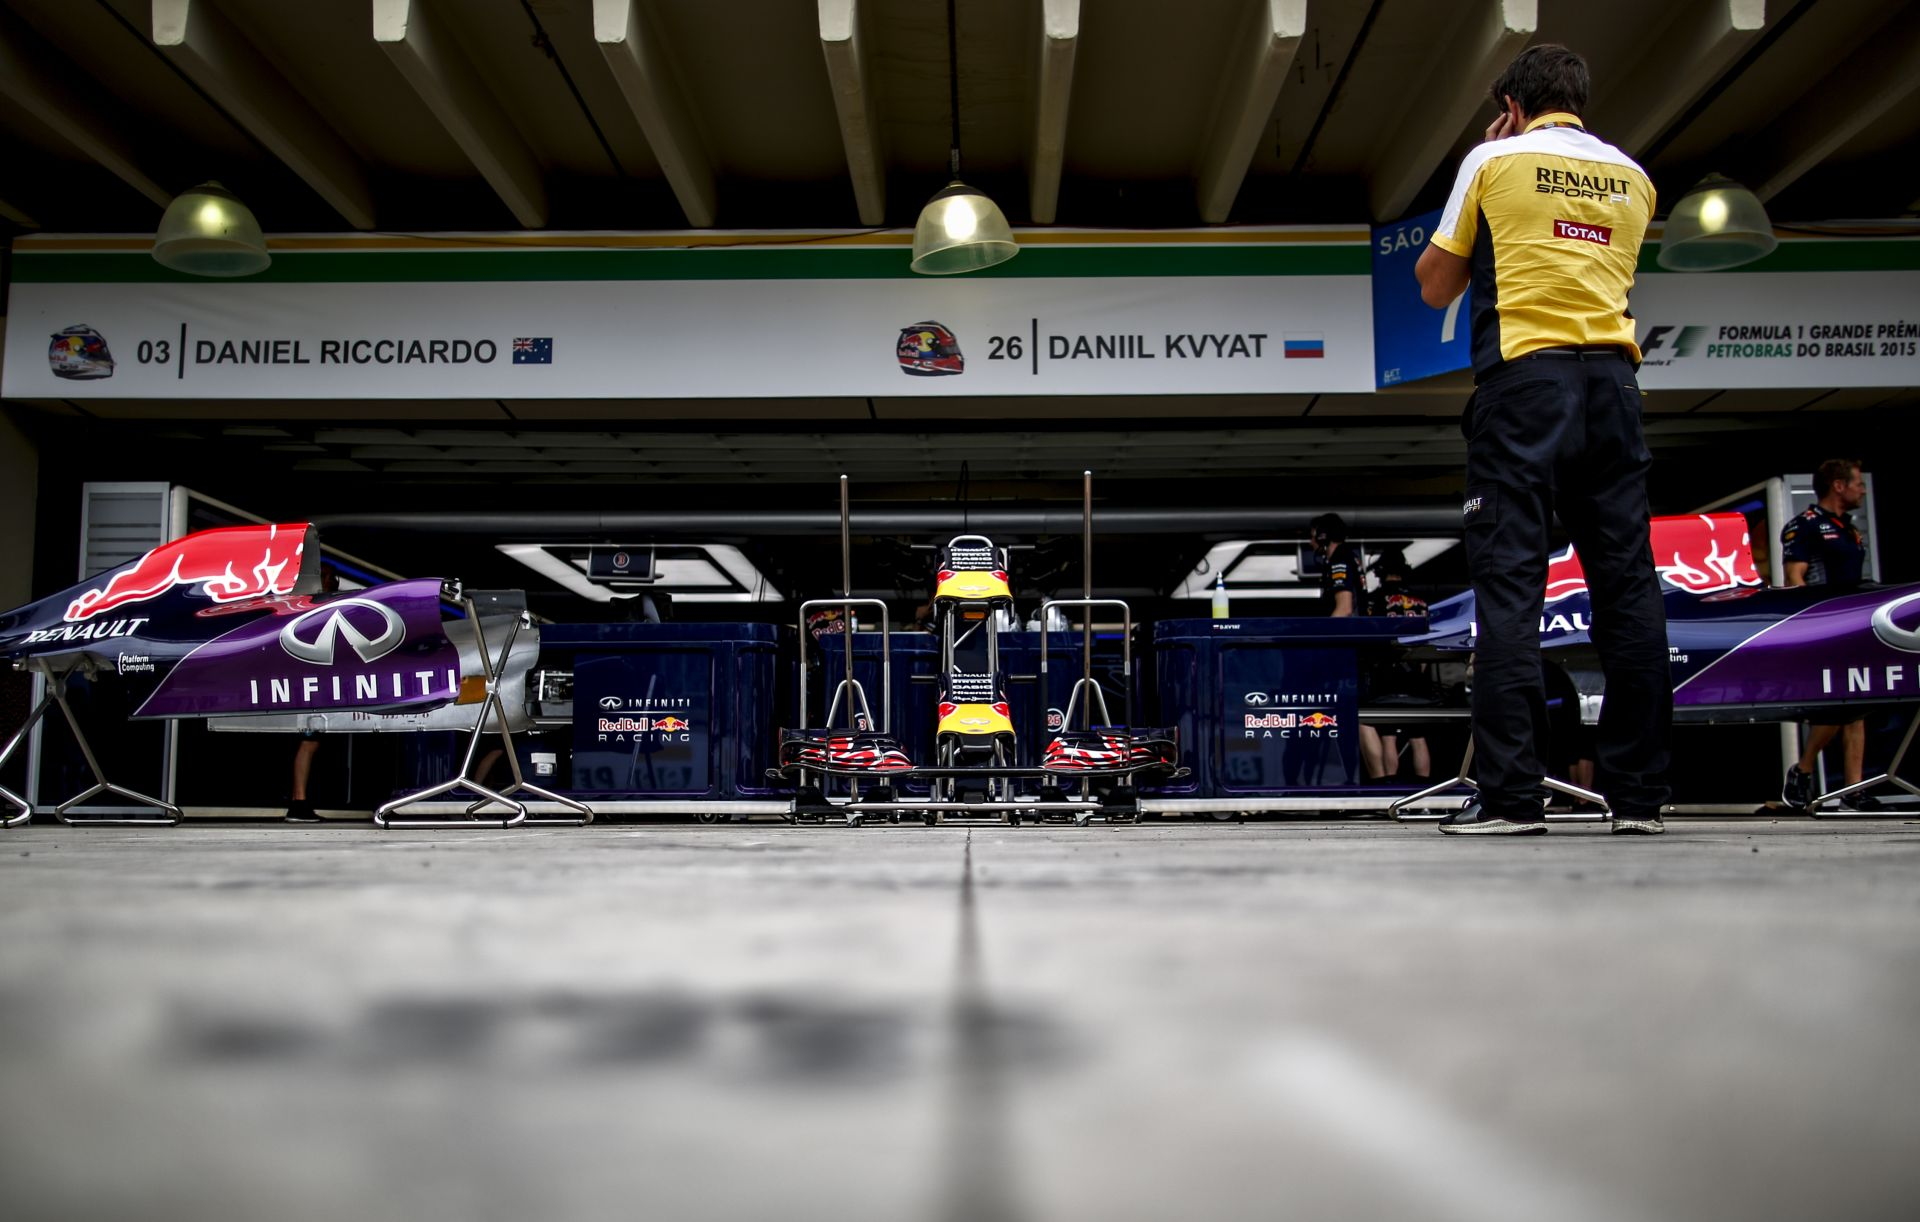 Mégis jól jönne Mario Illien segítsége a Renault-nak: megoldás kell, mindegy, honnan